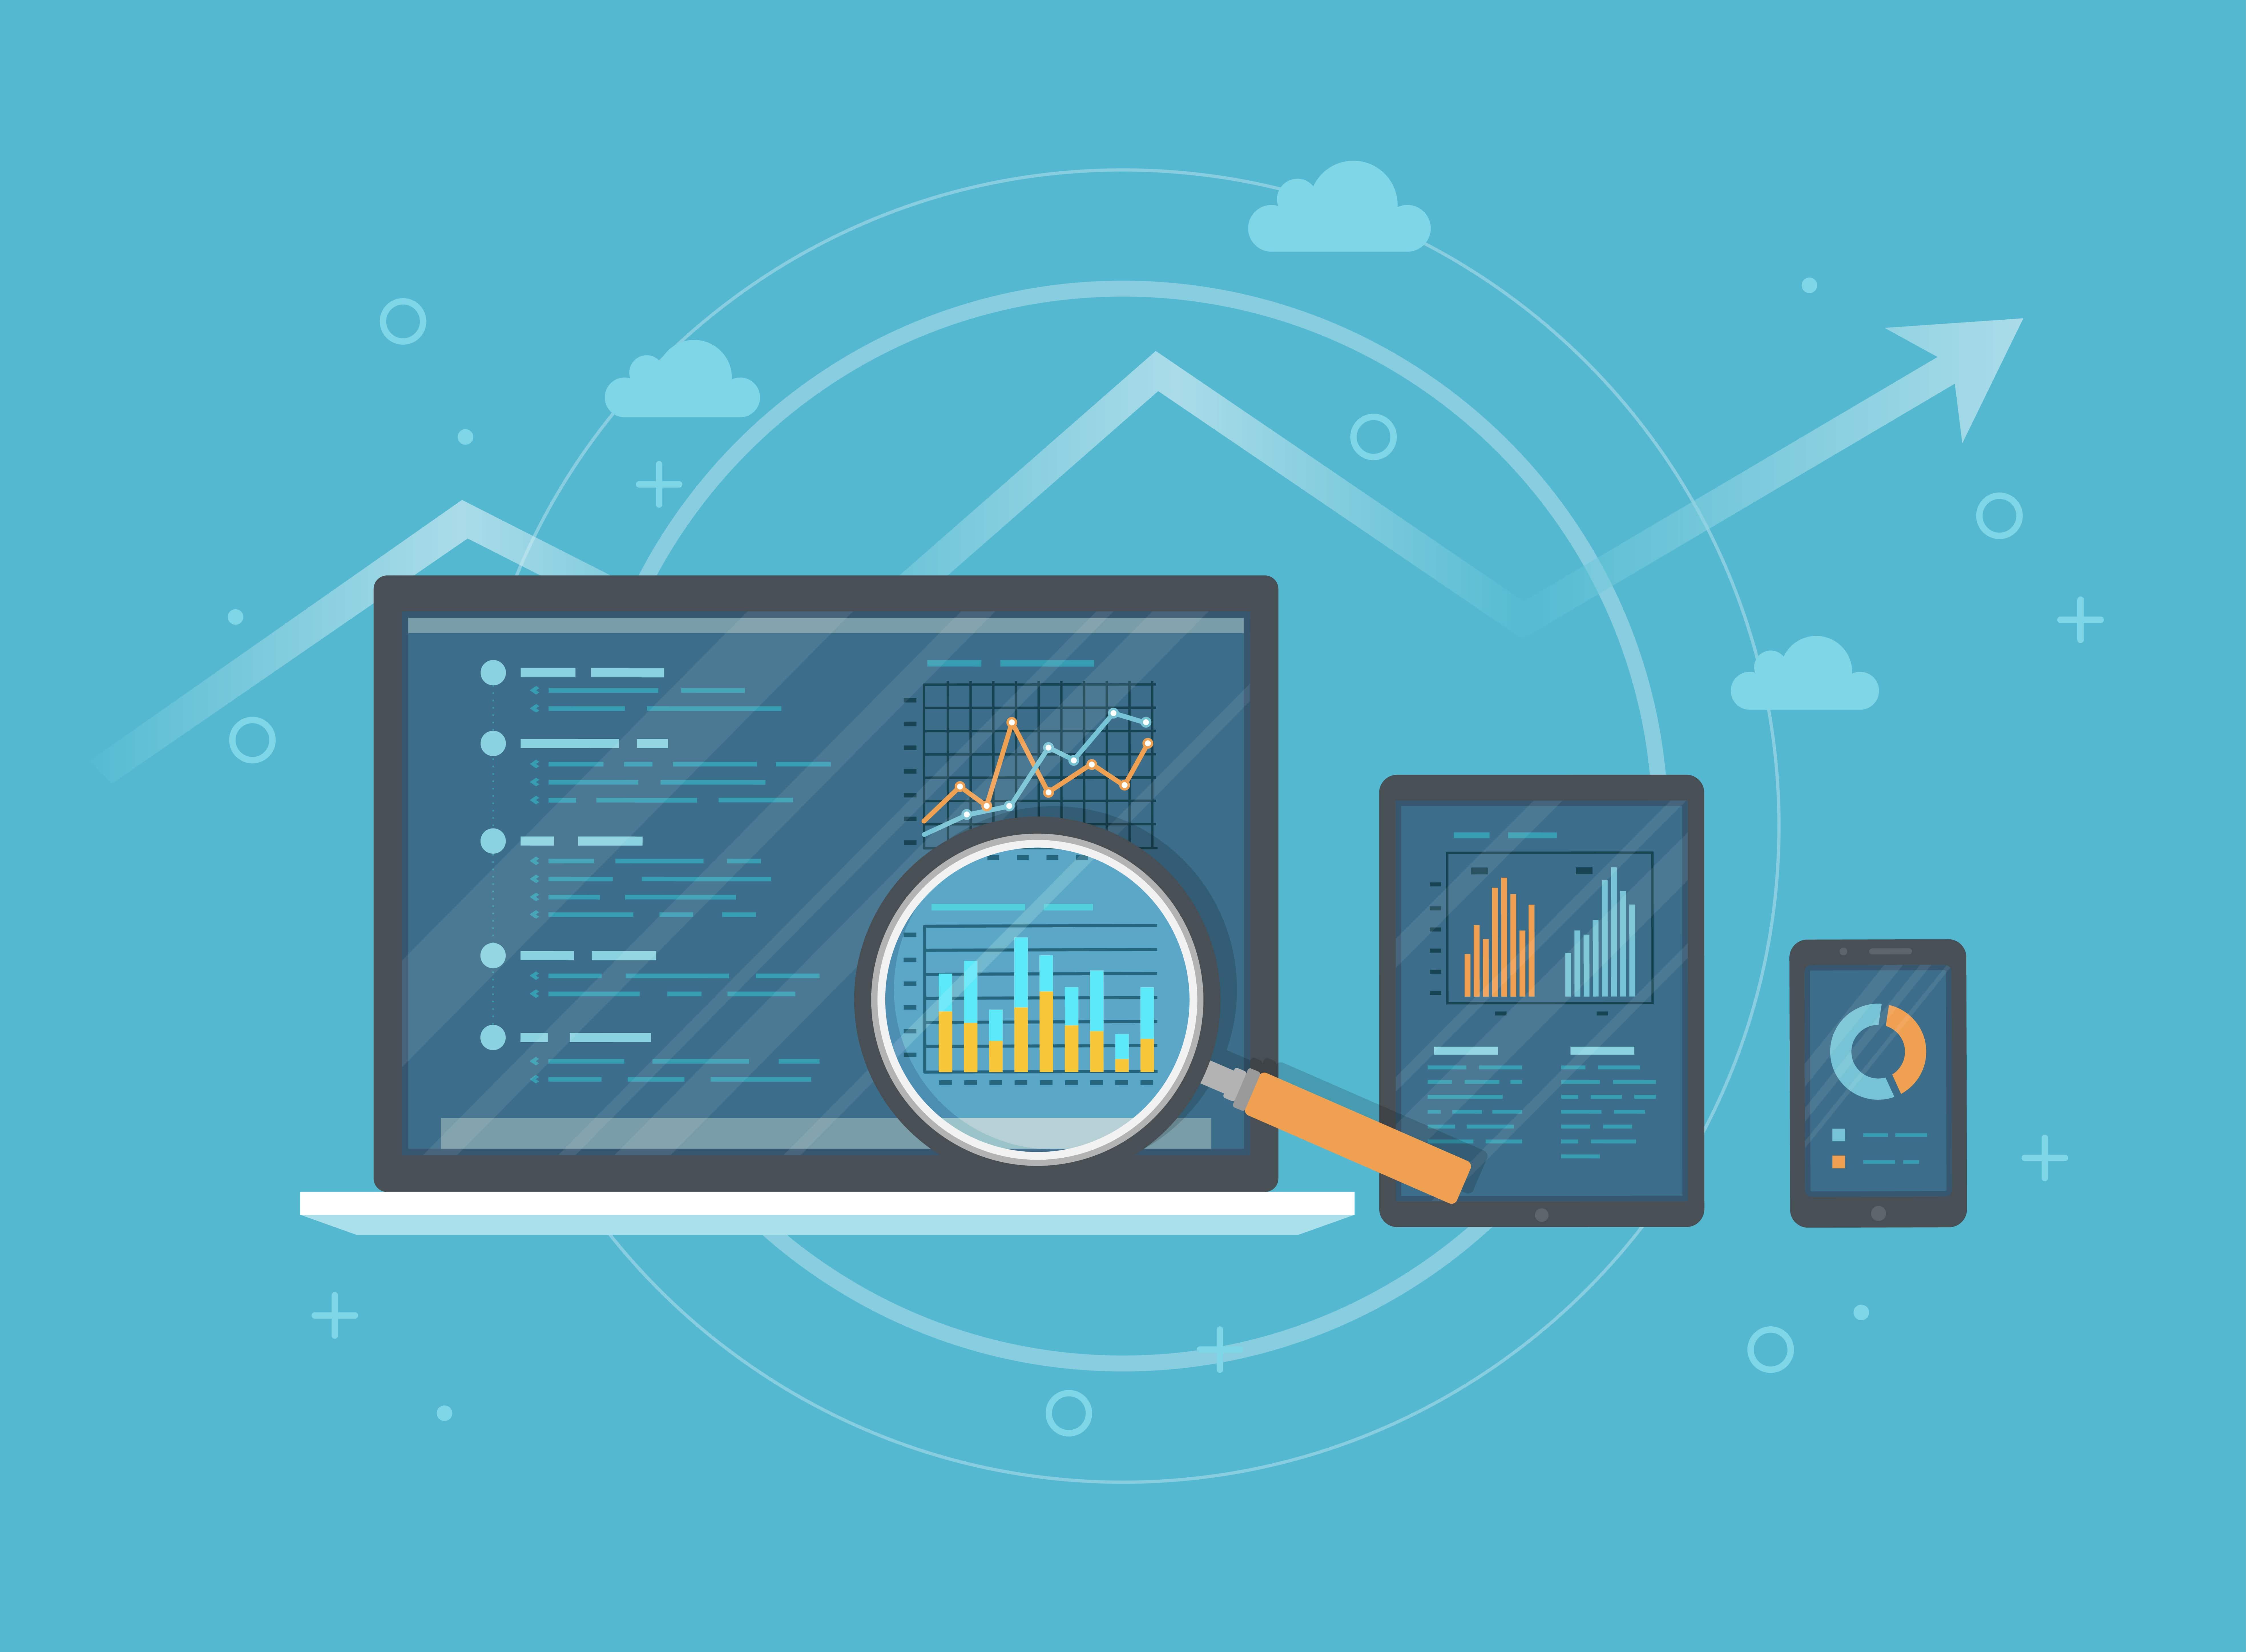 Talend acquiert Stitch, spécialiste de l'intégration de données dans le cloud